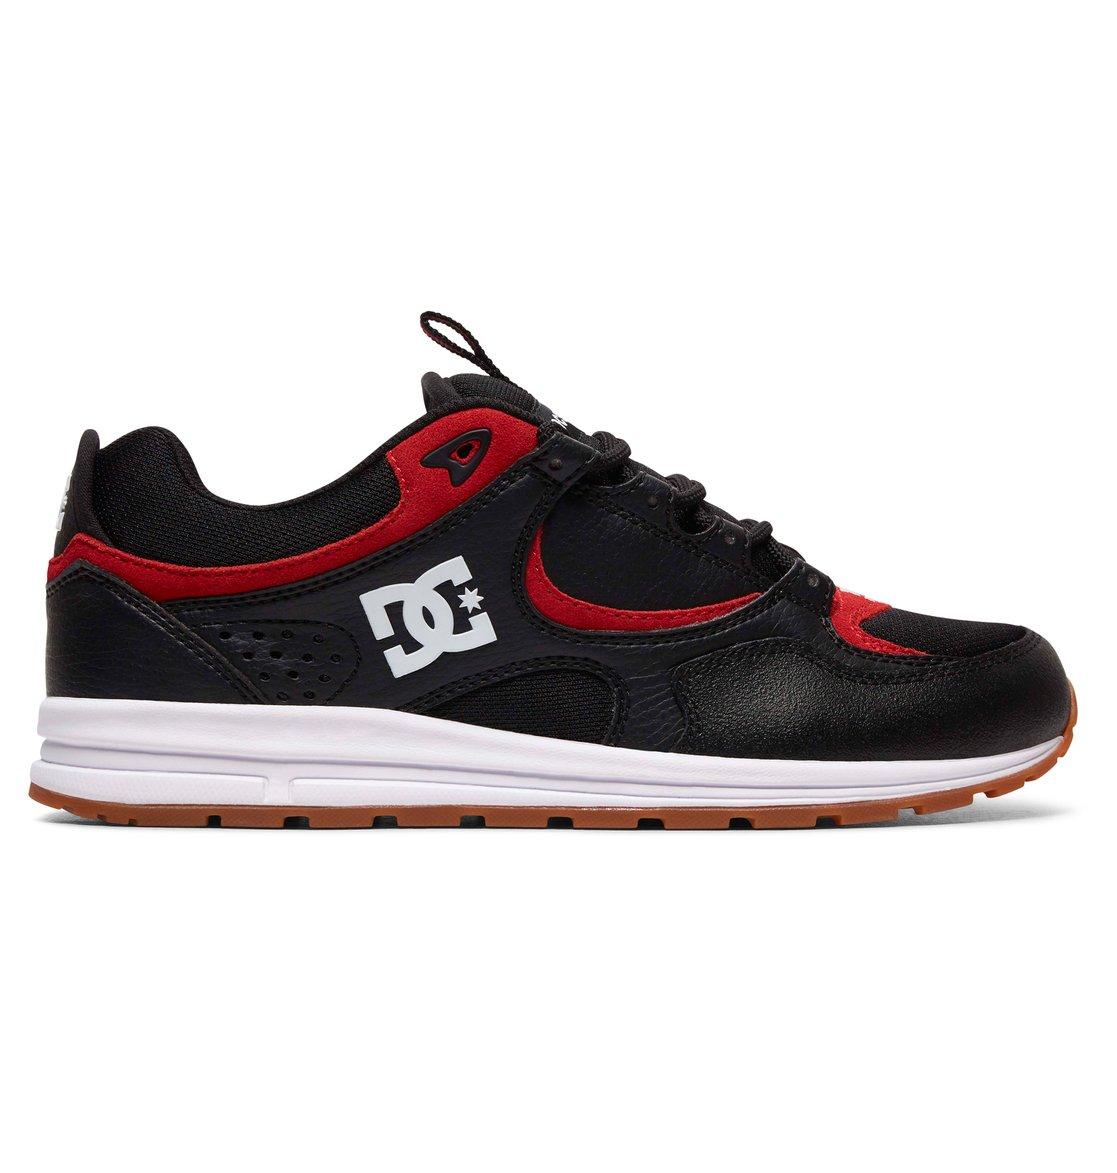 Kalis Chaussures Chaussures Kalis Lite Adys100291dc Adys100291dc Kalis Lite Lite TcK1FJlu3